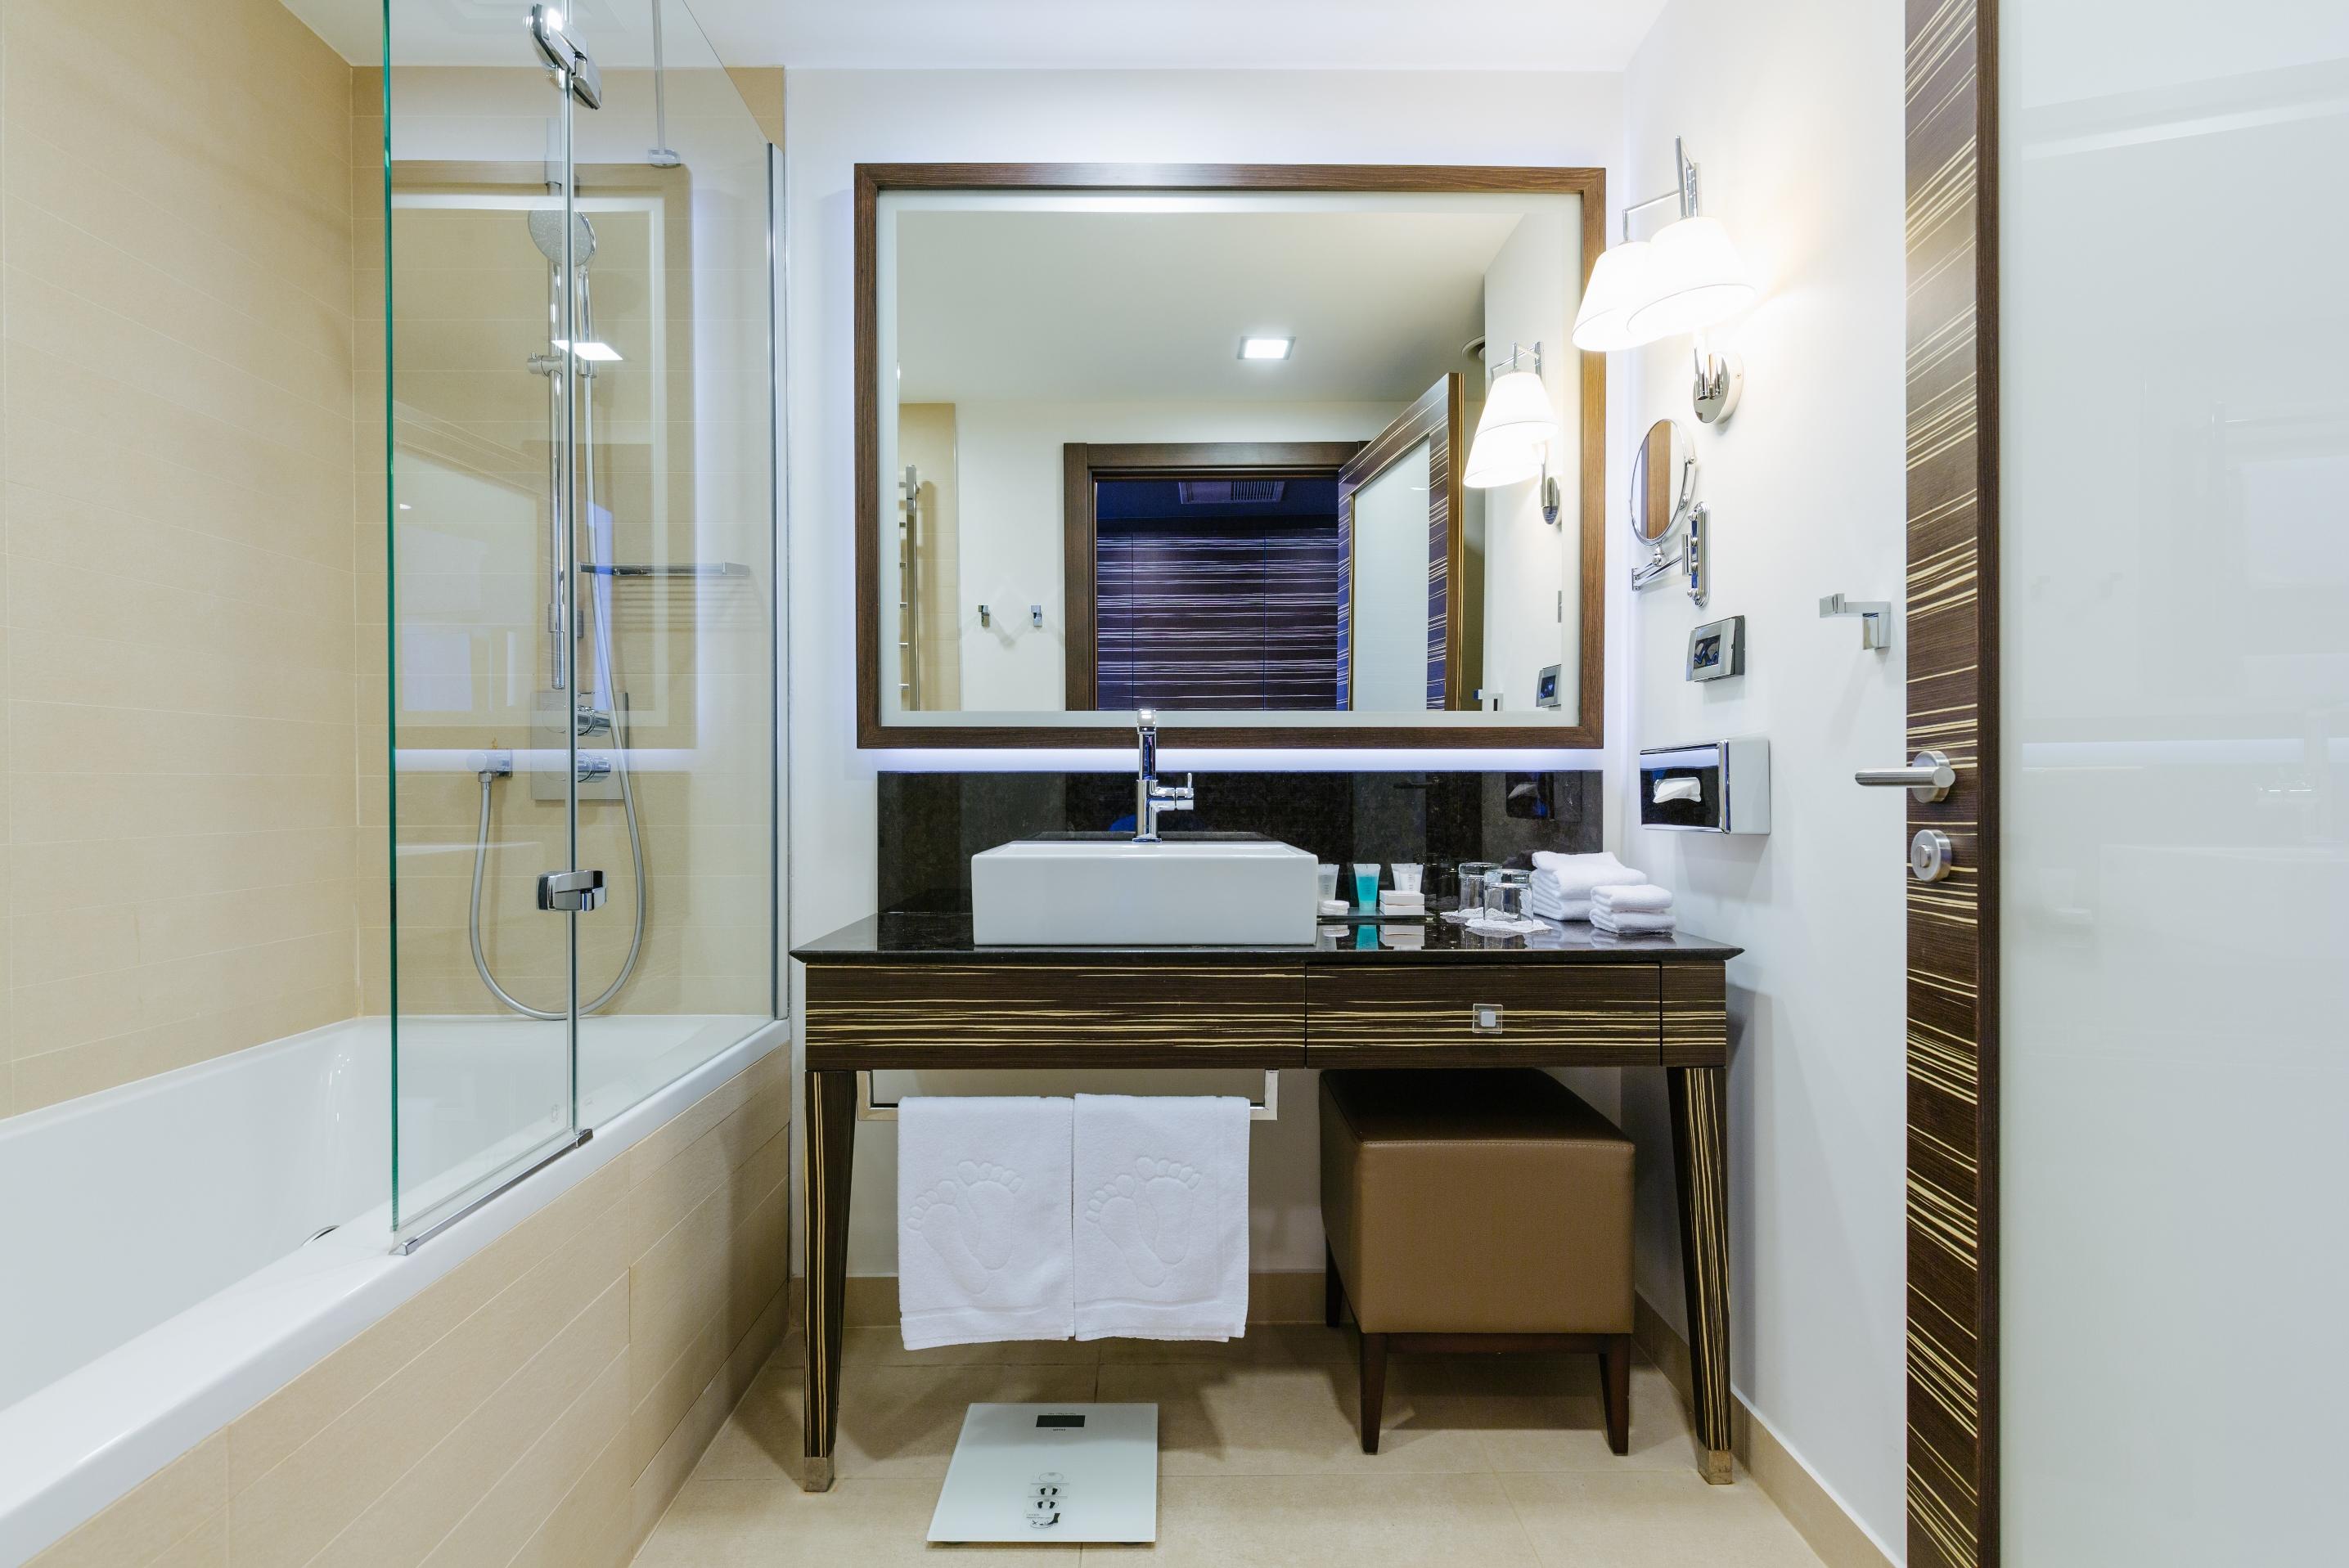 Стандарт-ванная комната